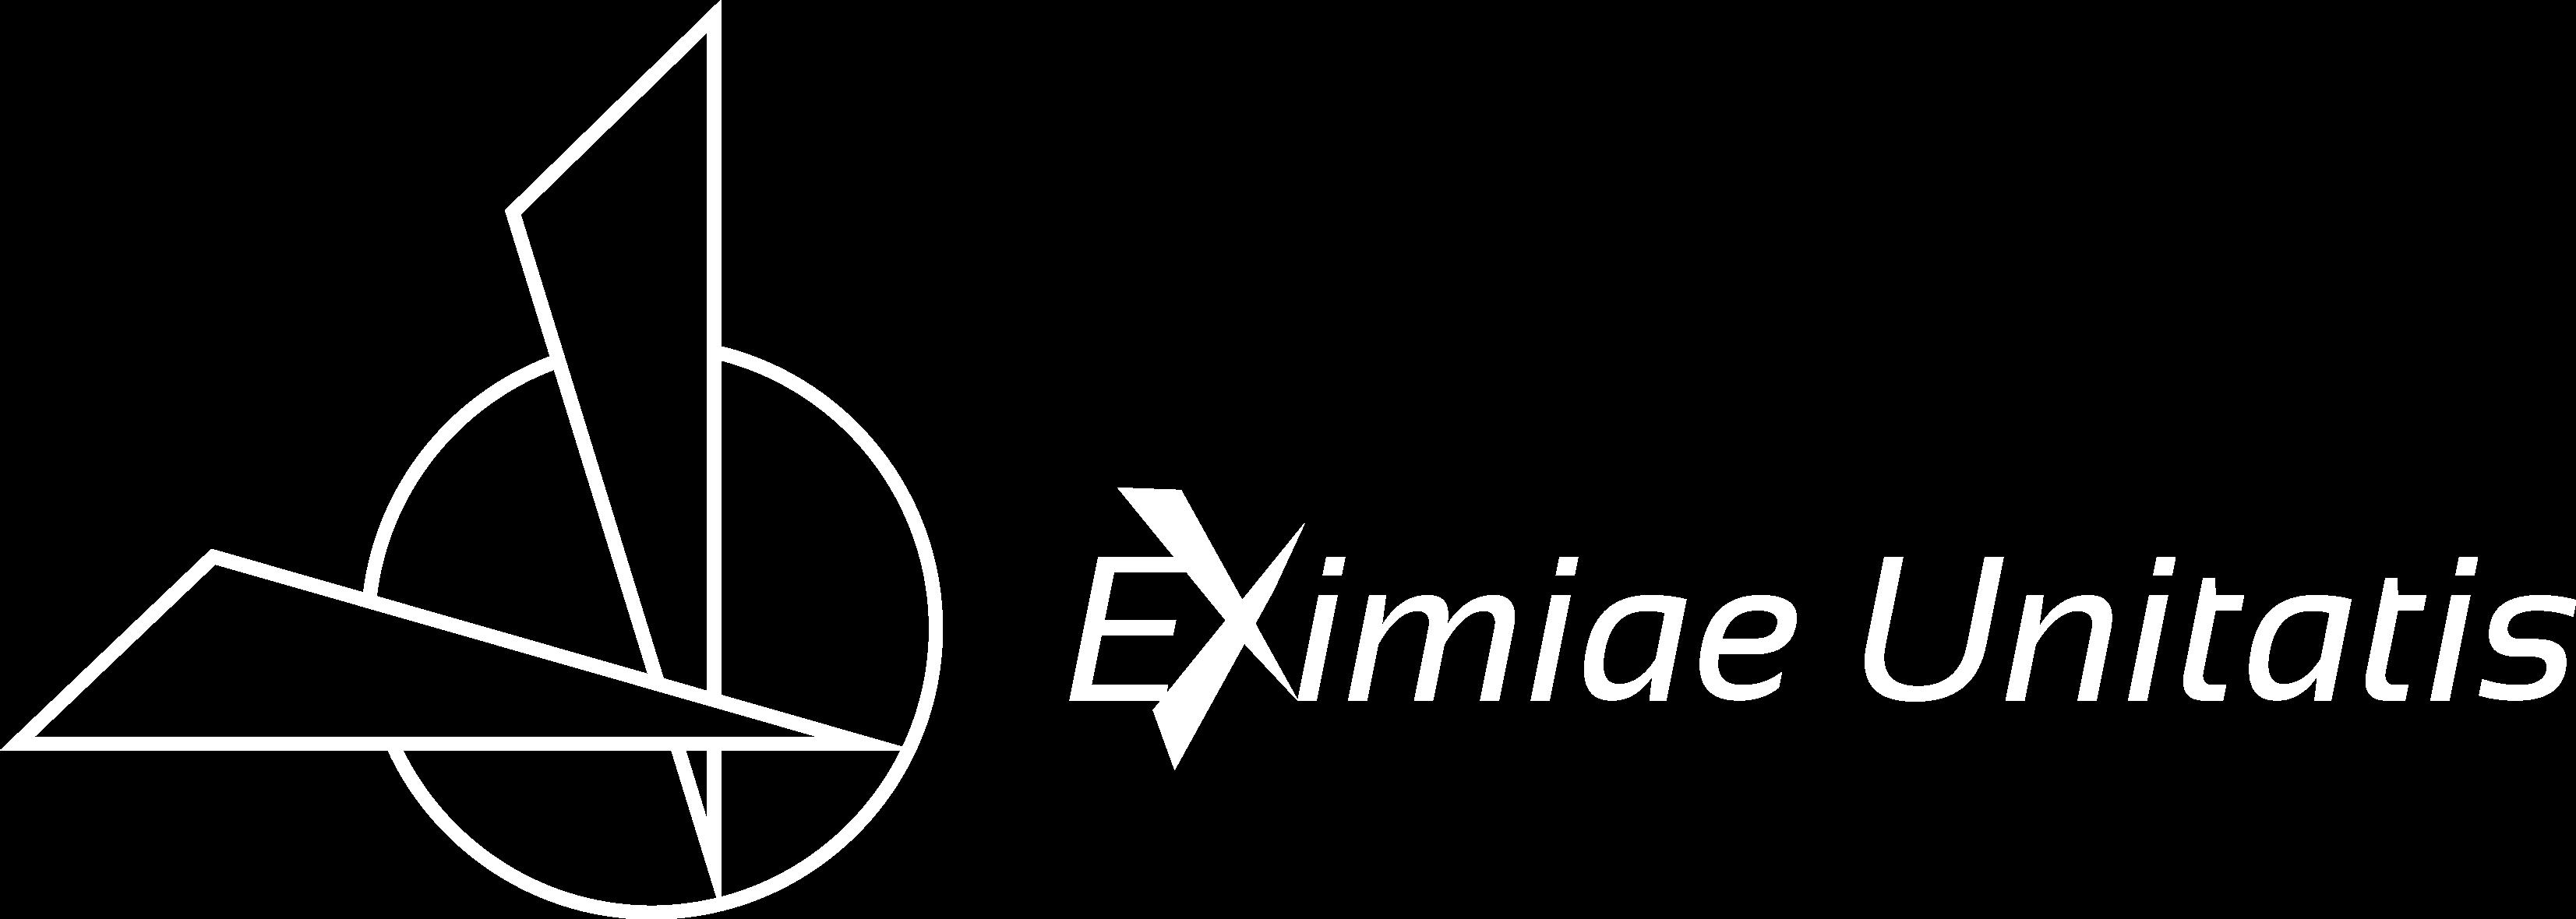 Dispuut Eximiae Unitatis